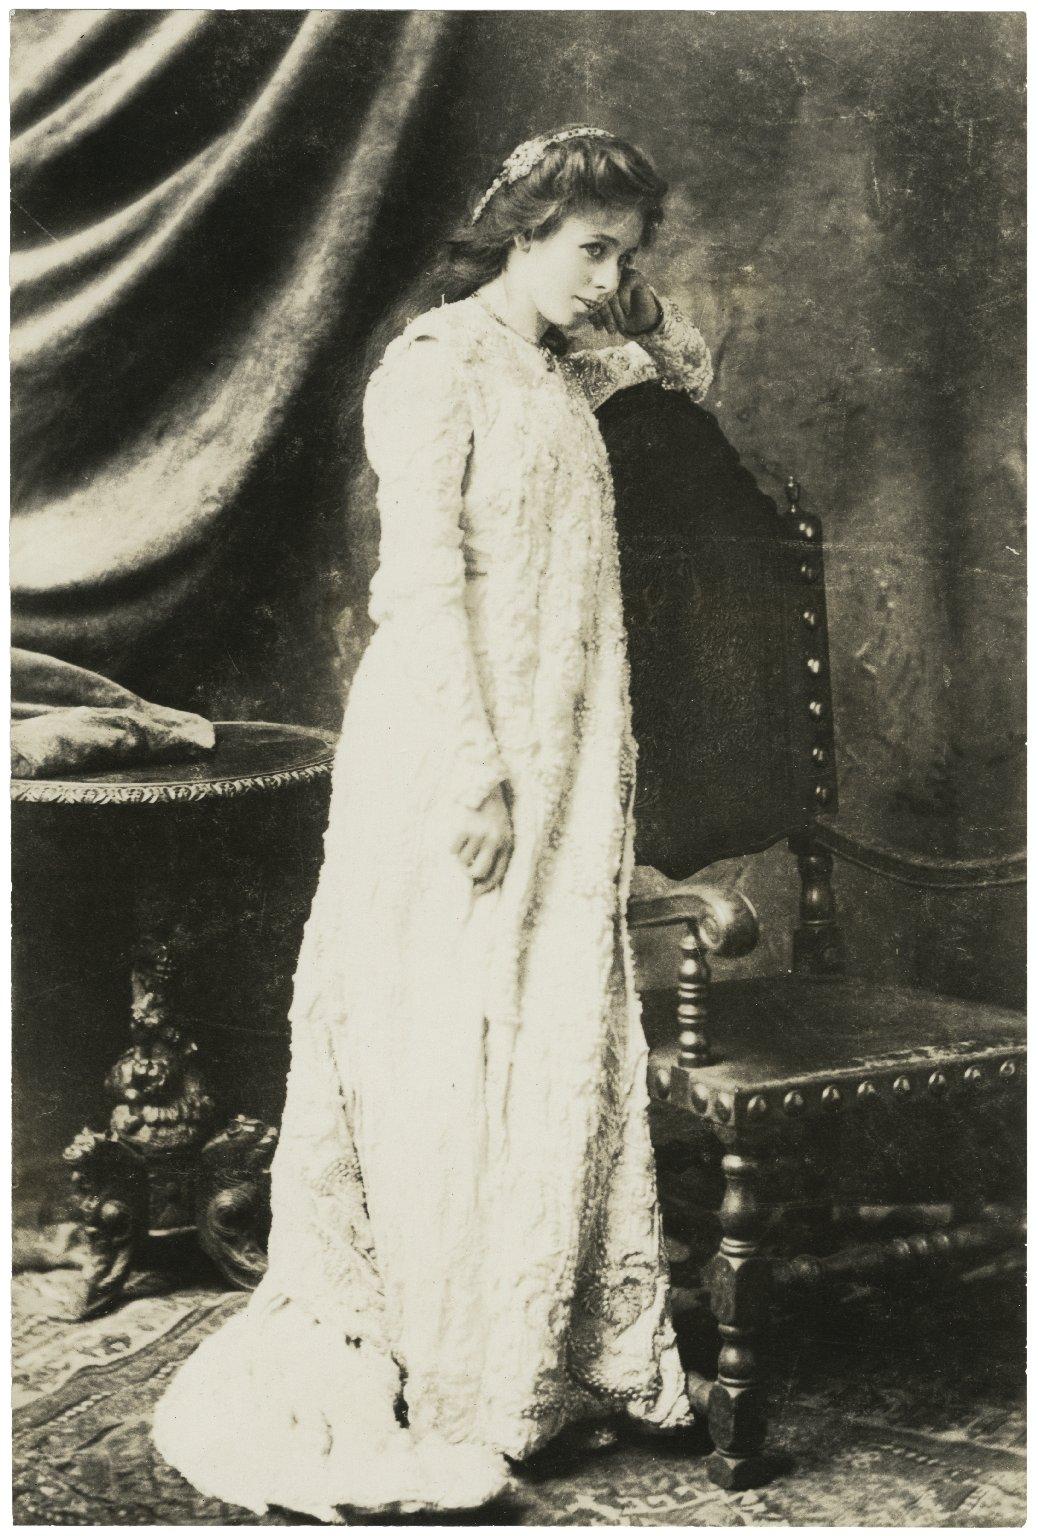 Maude Adams as Juliet, 1899 [graphic].